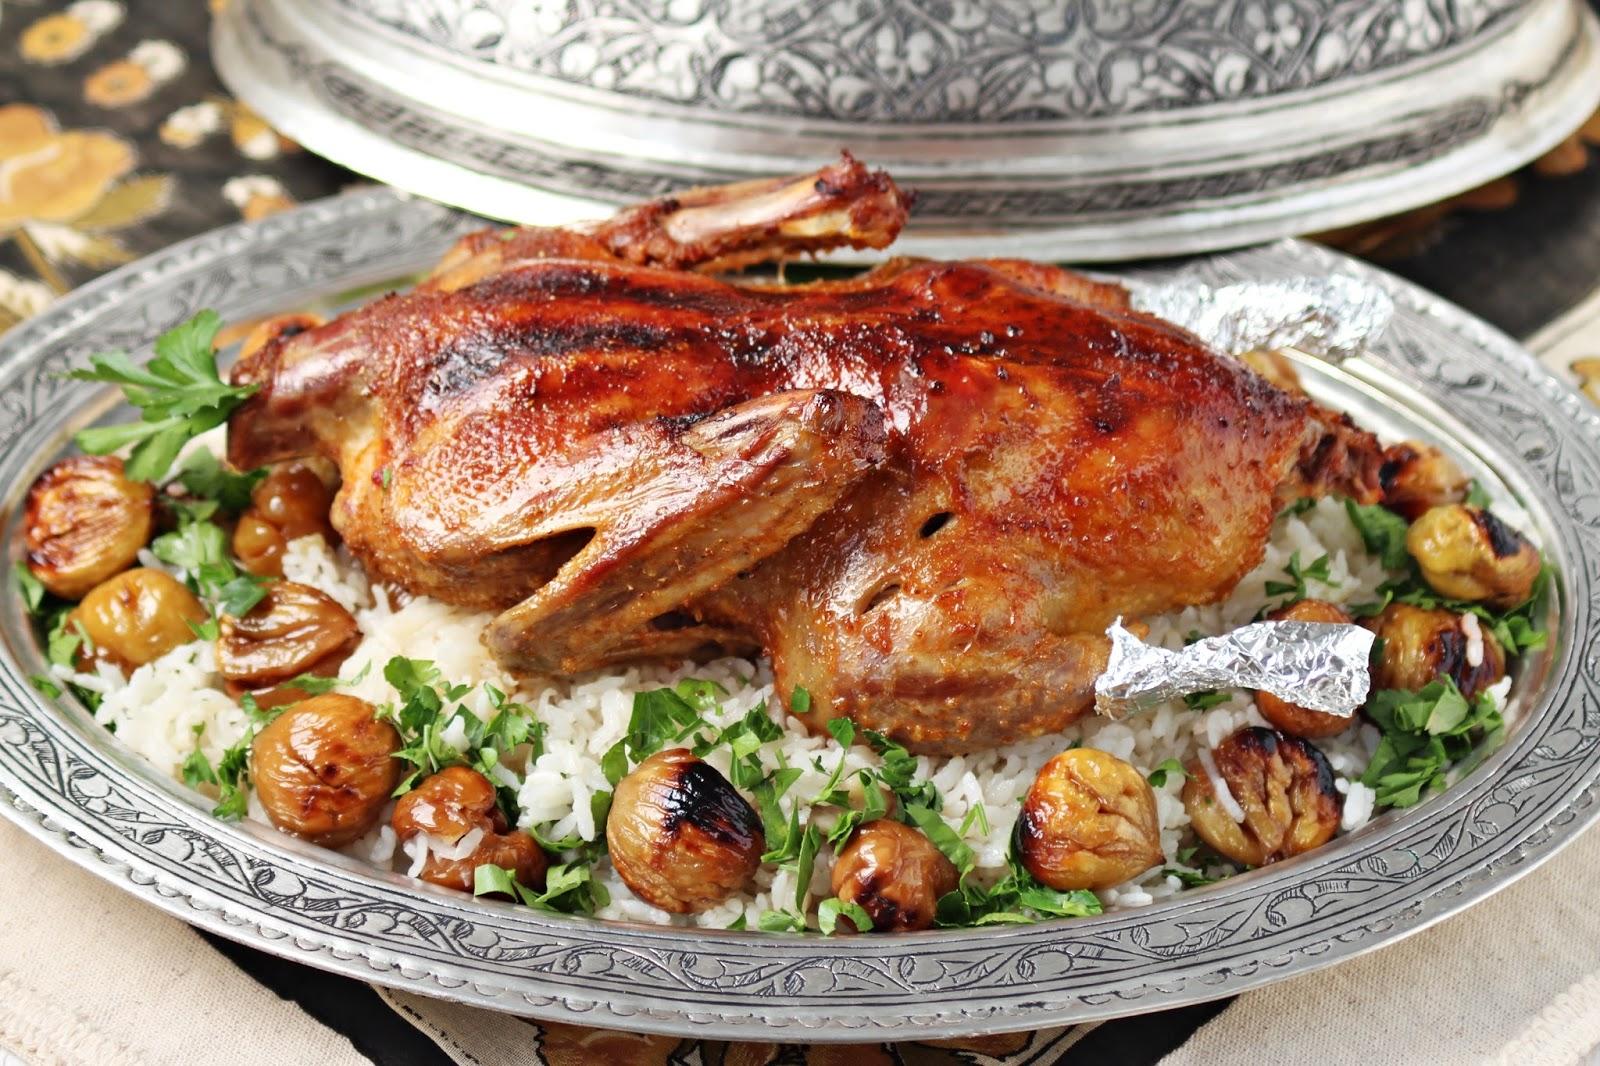 Bakır Tencerem: Portakal soslu pekin ördeği